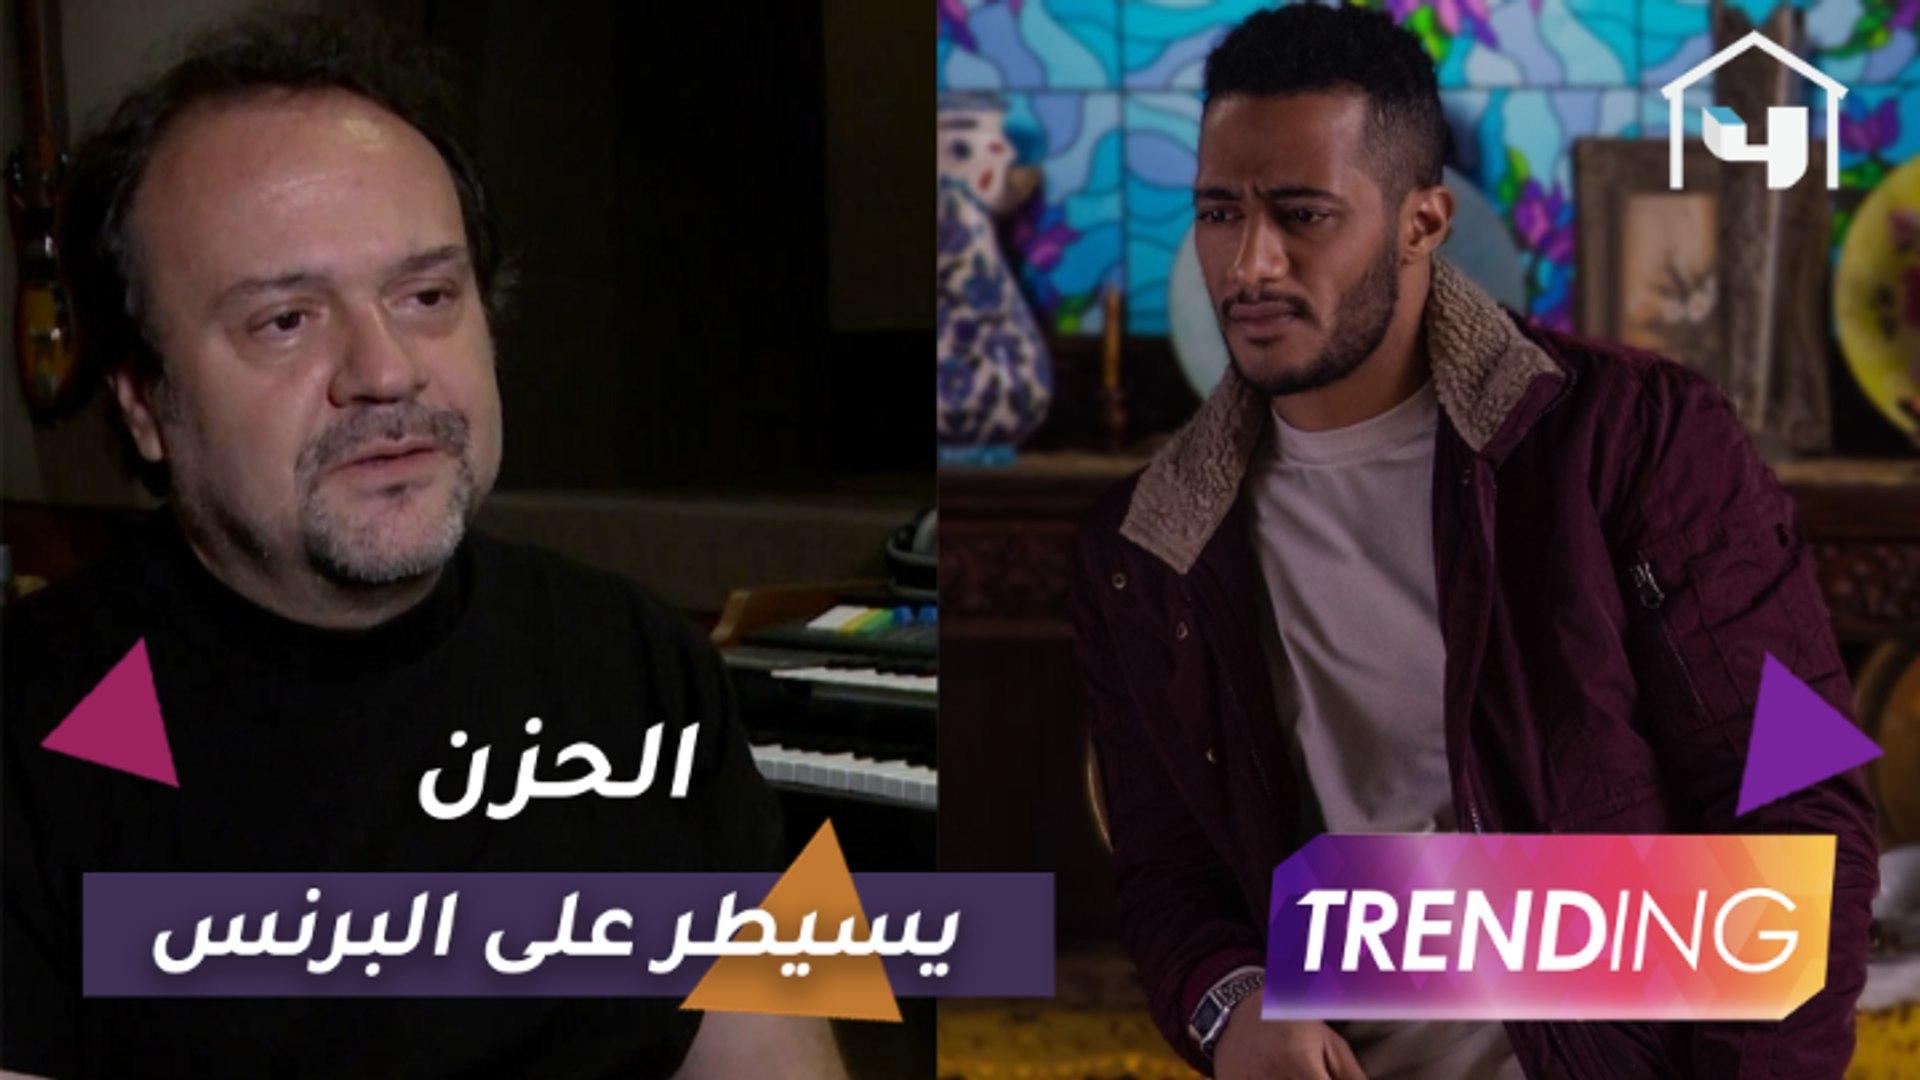 #البرنس يتصدر التريند والموزع الموسيقي عادل حقي يضع لمساته